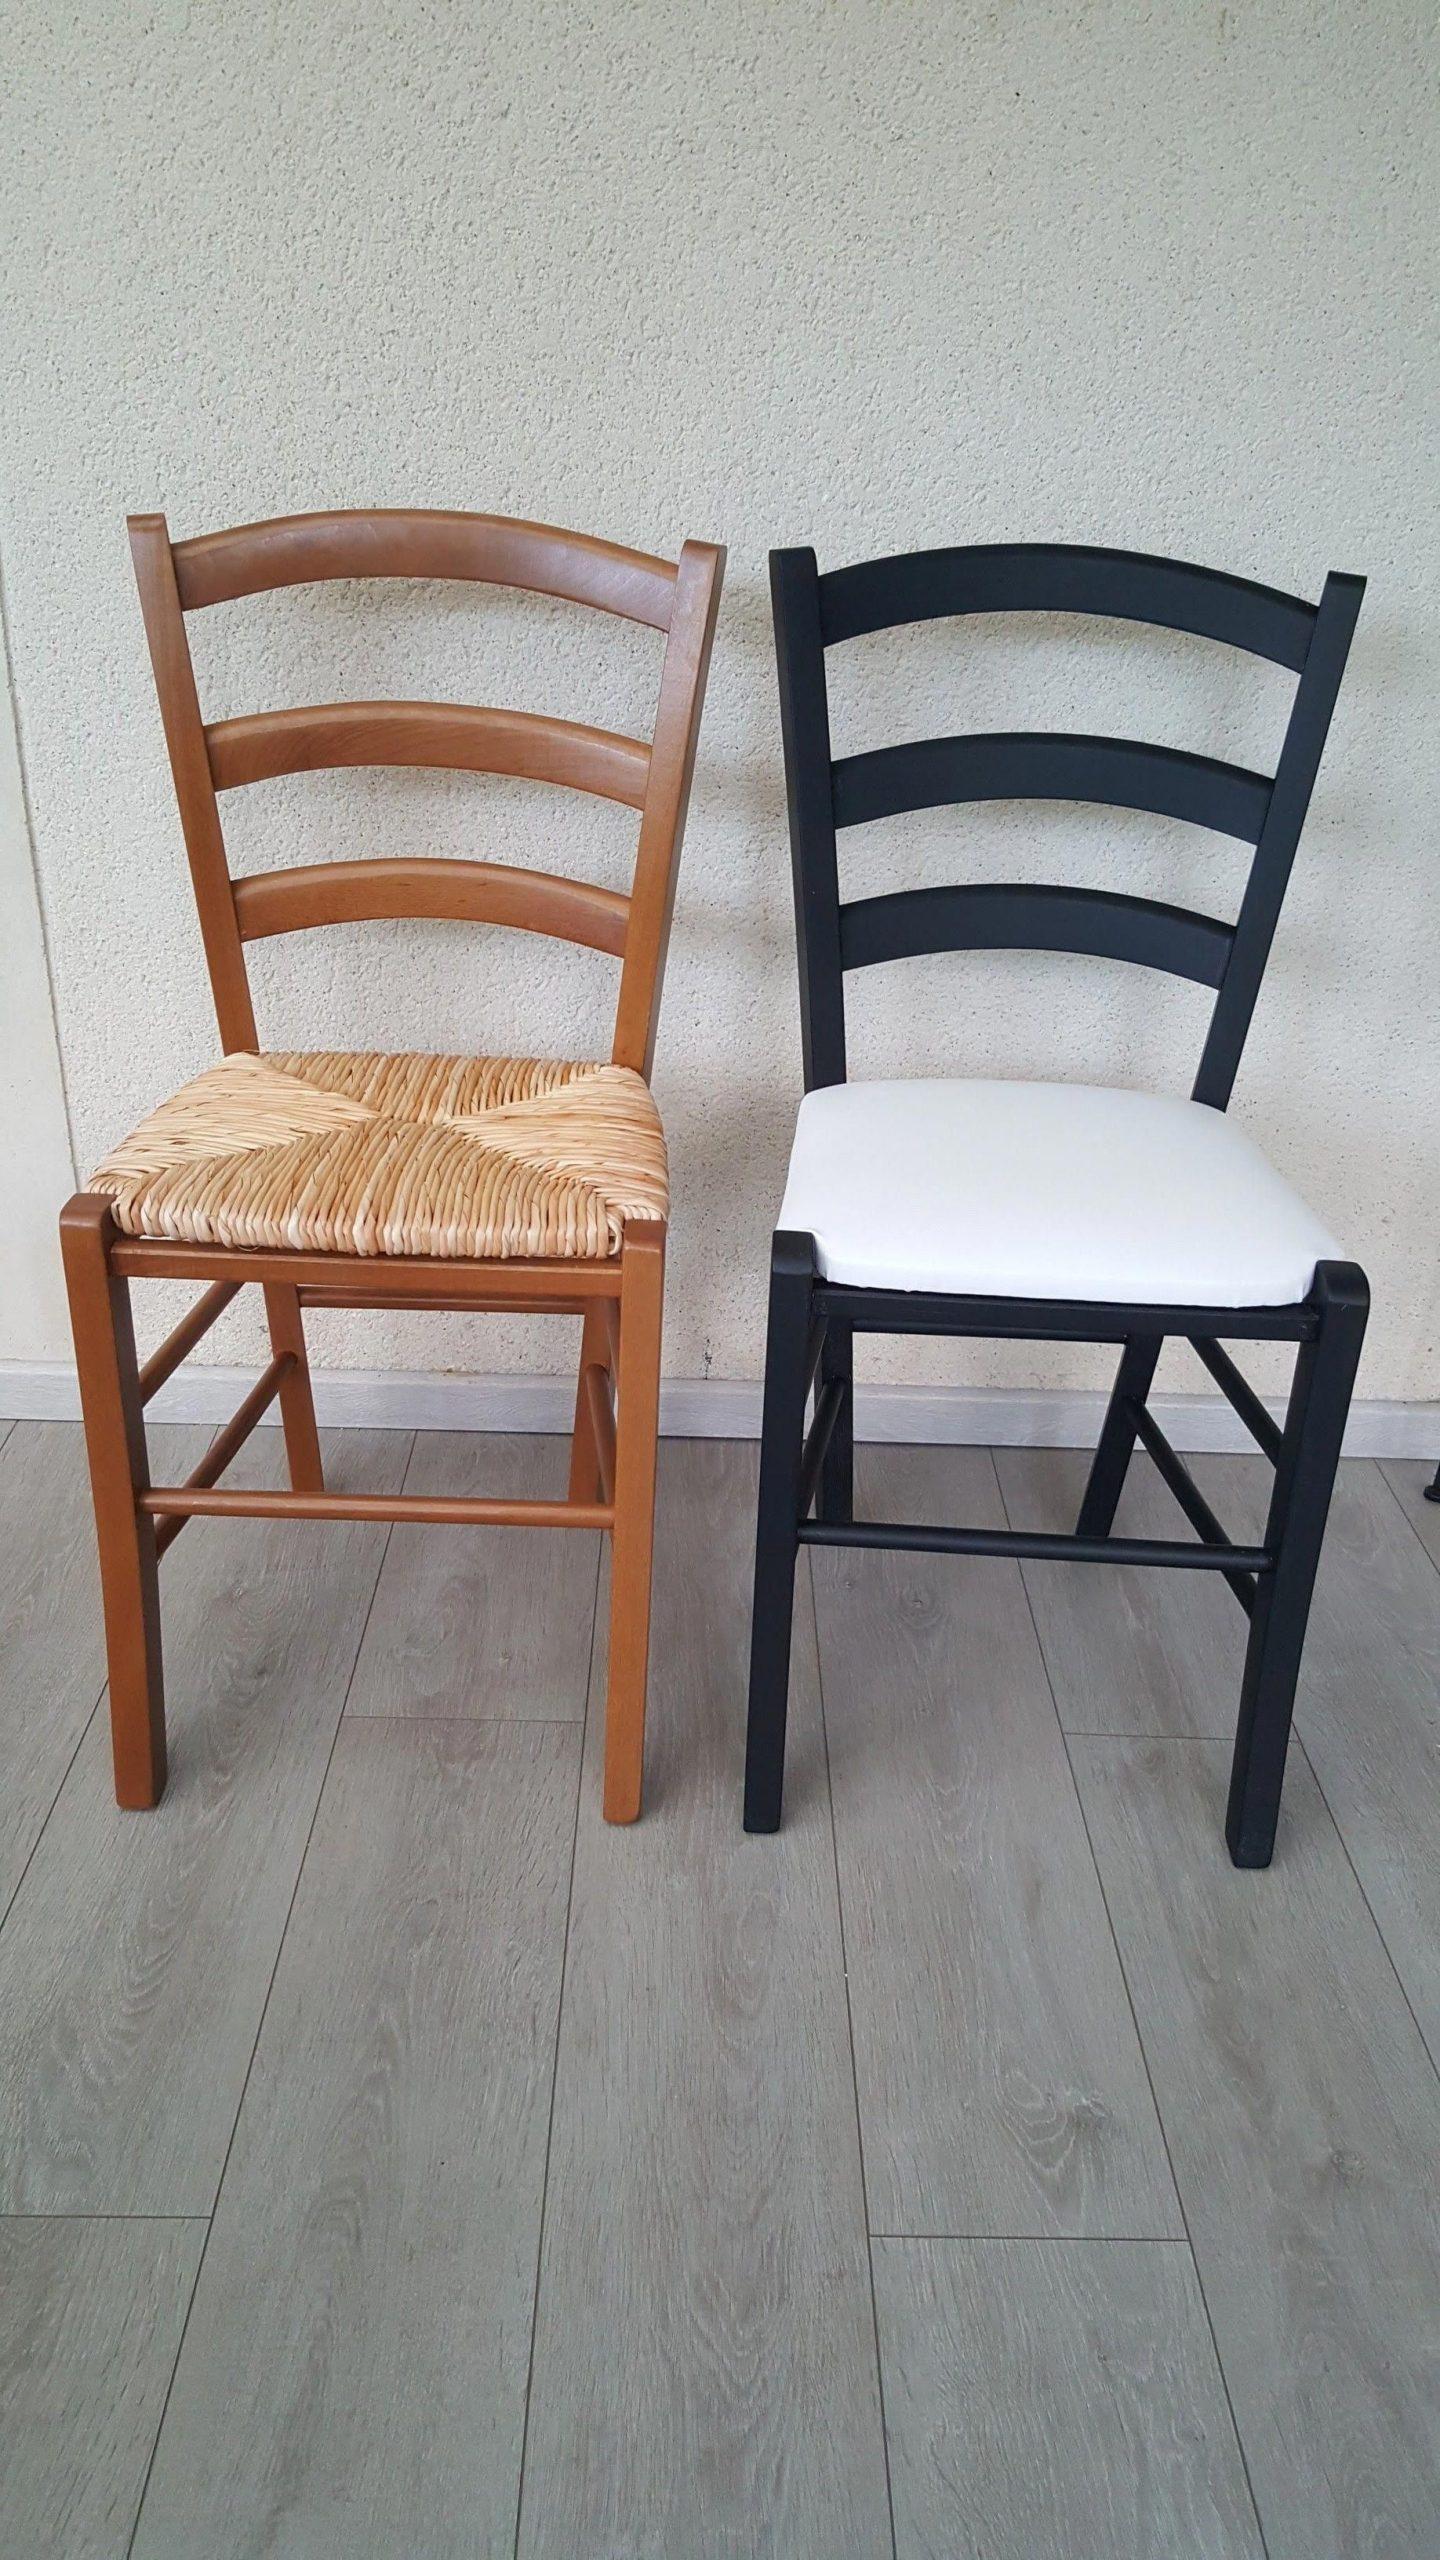 Chaises Paille Peintes Assise En Skaï #Idéebricolagemaison avec Chaises Transparentes Castorama